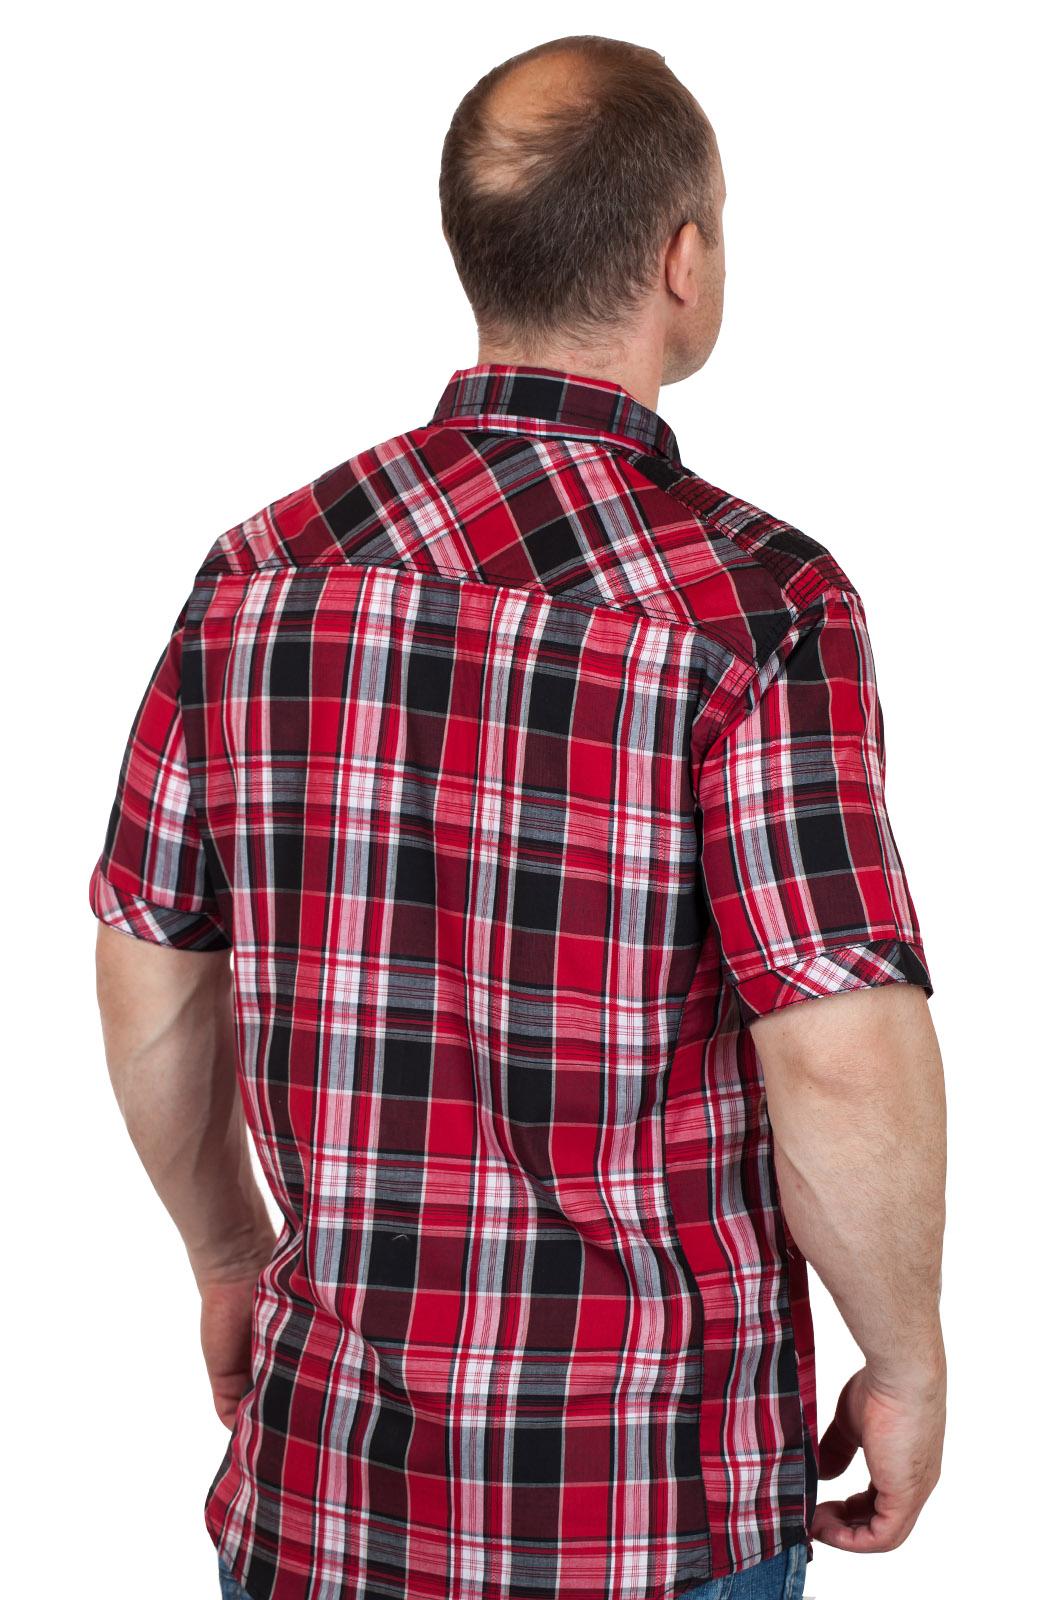 Модная мужская рубашка Machine - вид сзади